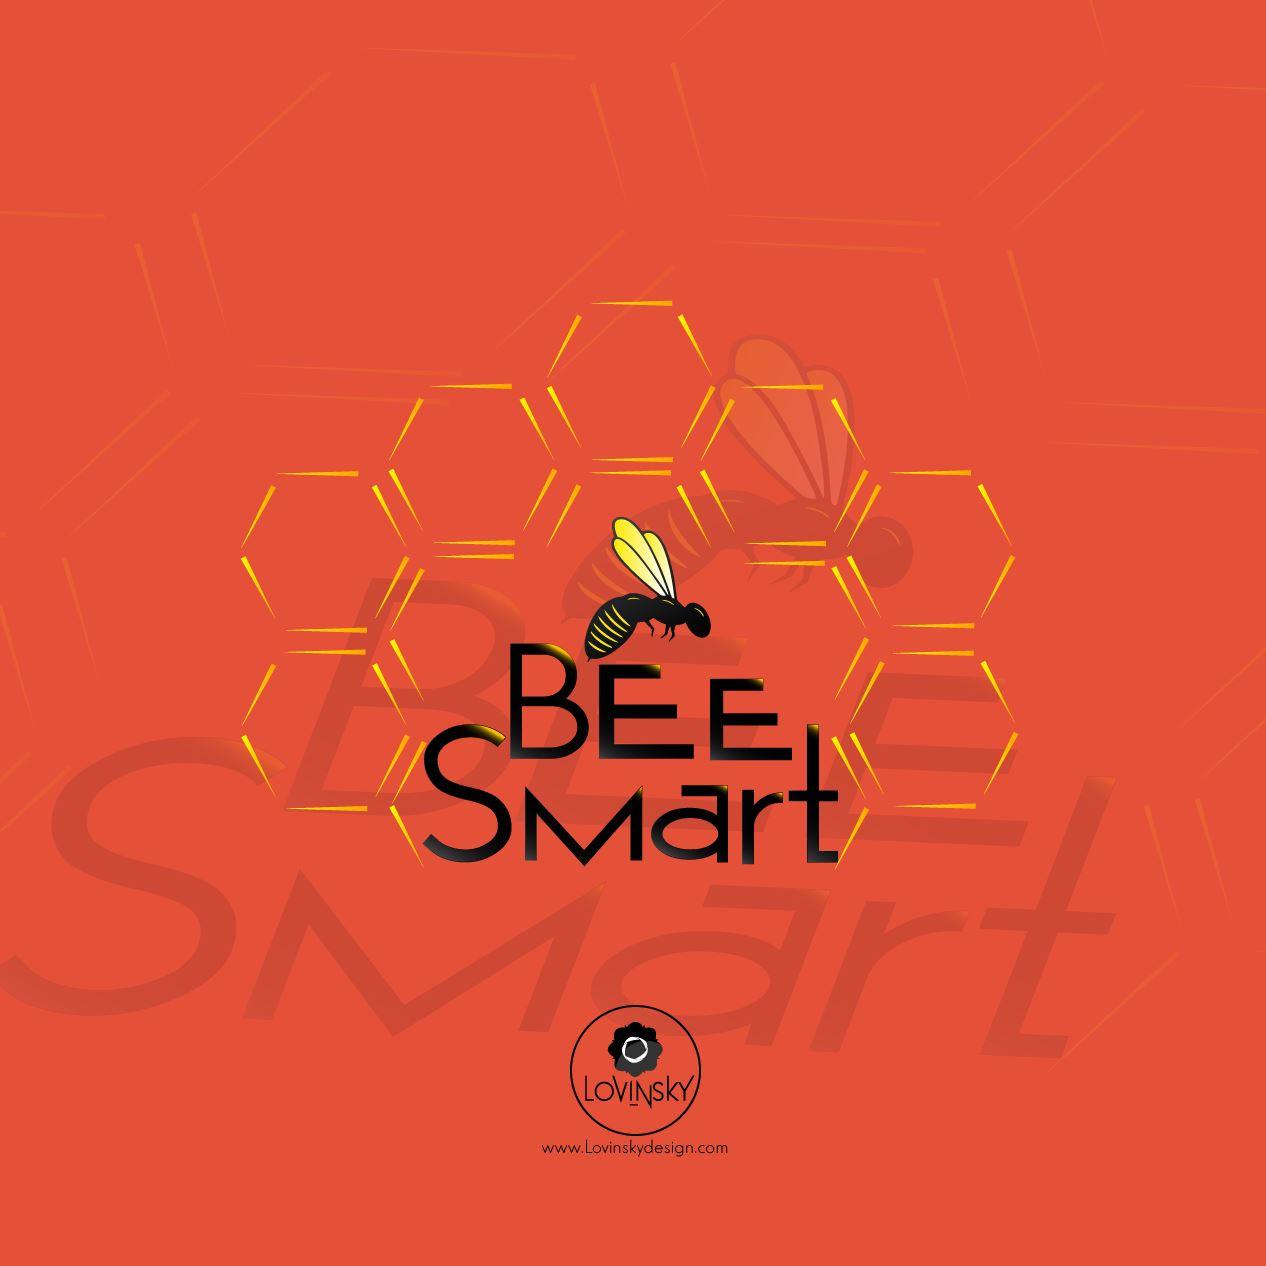 bee-smart logo lovinsky graphiste webdesigner freelance nantes 44